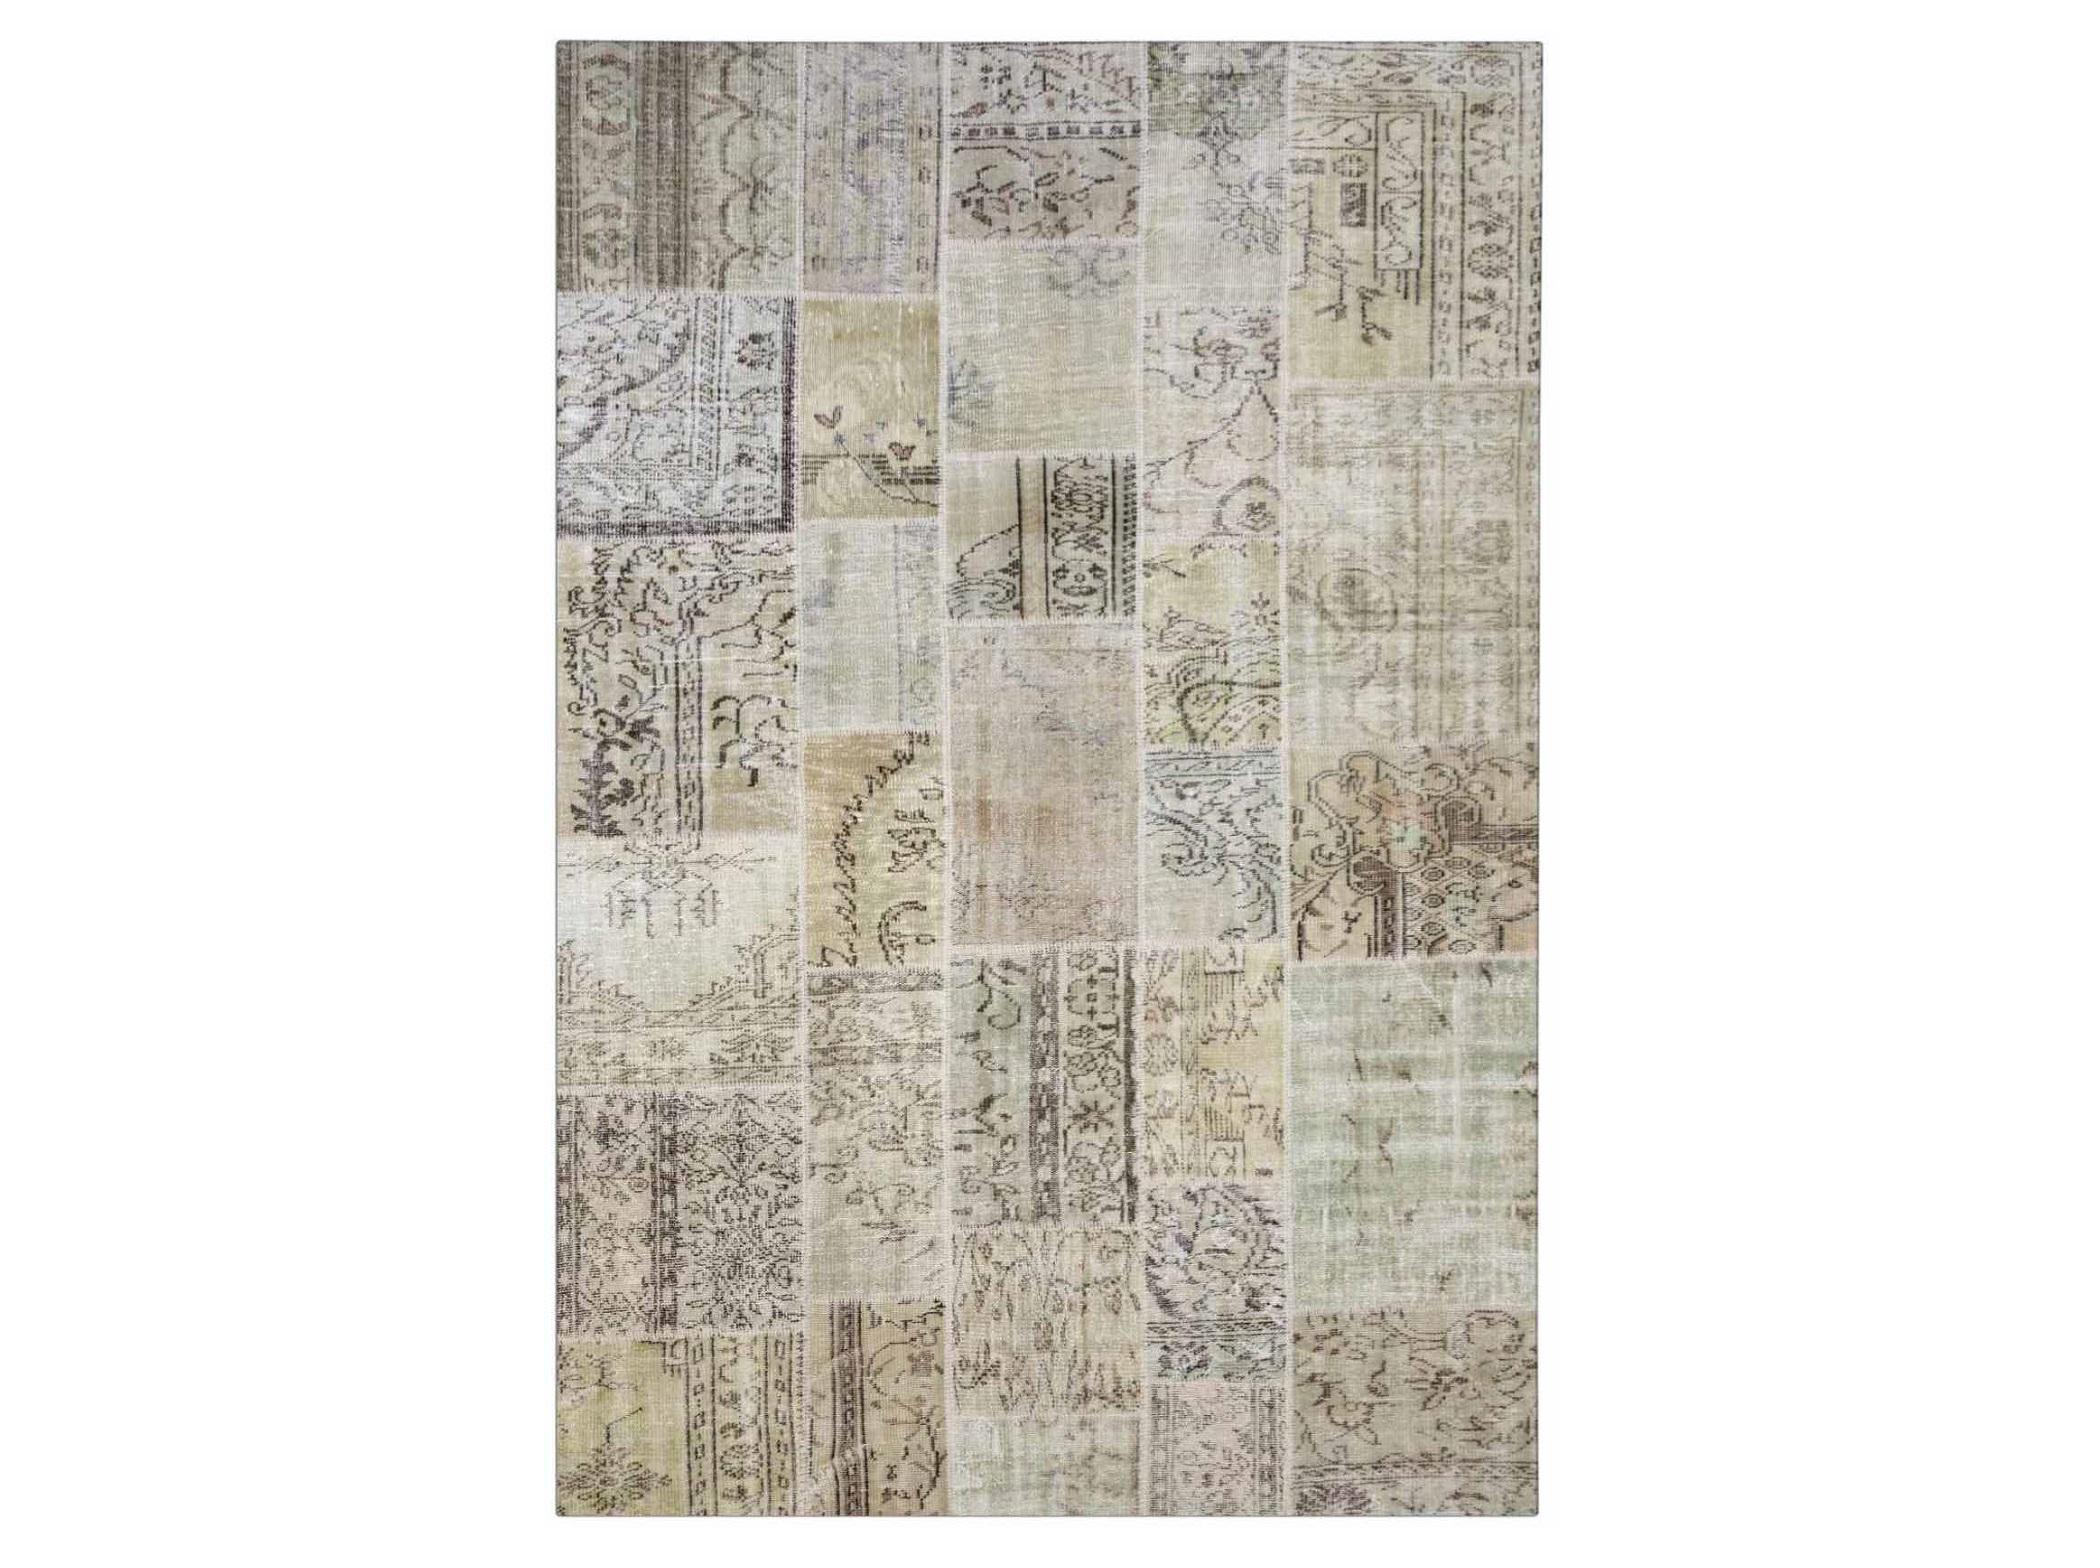 Ковер PatchworkПрямоугольные ковры<br>Винтажный ковер ручной работы в стиле &amp;quot;пэчворк&amp;quot; <br>из 100% шерсти. Ковер прекрасно подходит в <br>любые современные и классические интерьеры, <br>а благодаря толщине ковра всего 5 мм и отсутствию <br>ворса, его легко чистить любыми видами пылесосов. <br>Этот настоящий ковер ручной работы не потеряет <br>своих красок и будет служить десятилетия.<br><br>Material: Шерсть<br>Ширина см: 198<br>Глубина см: 300